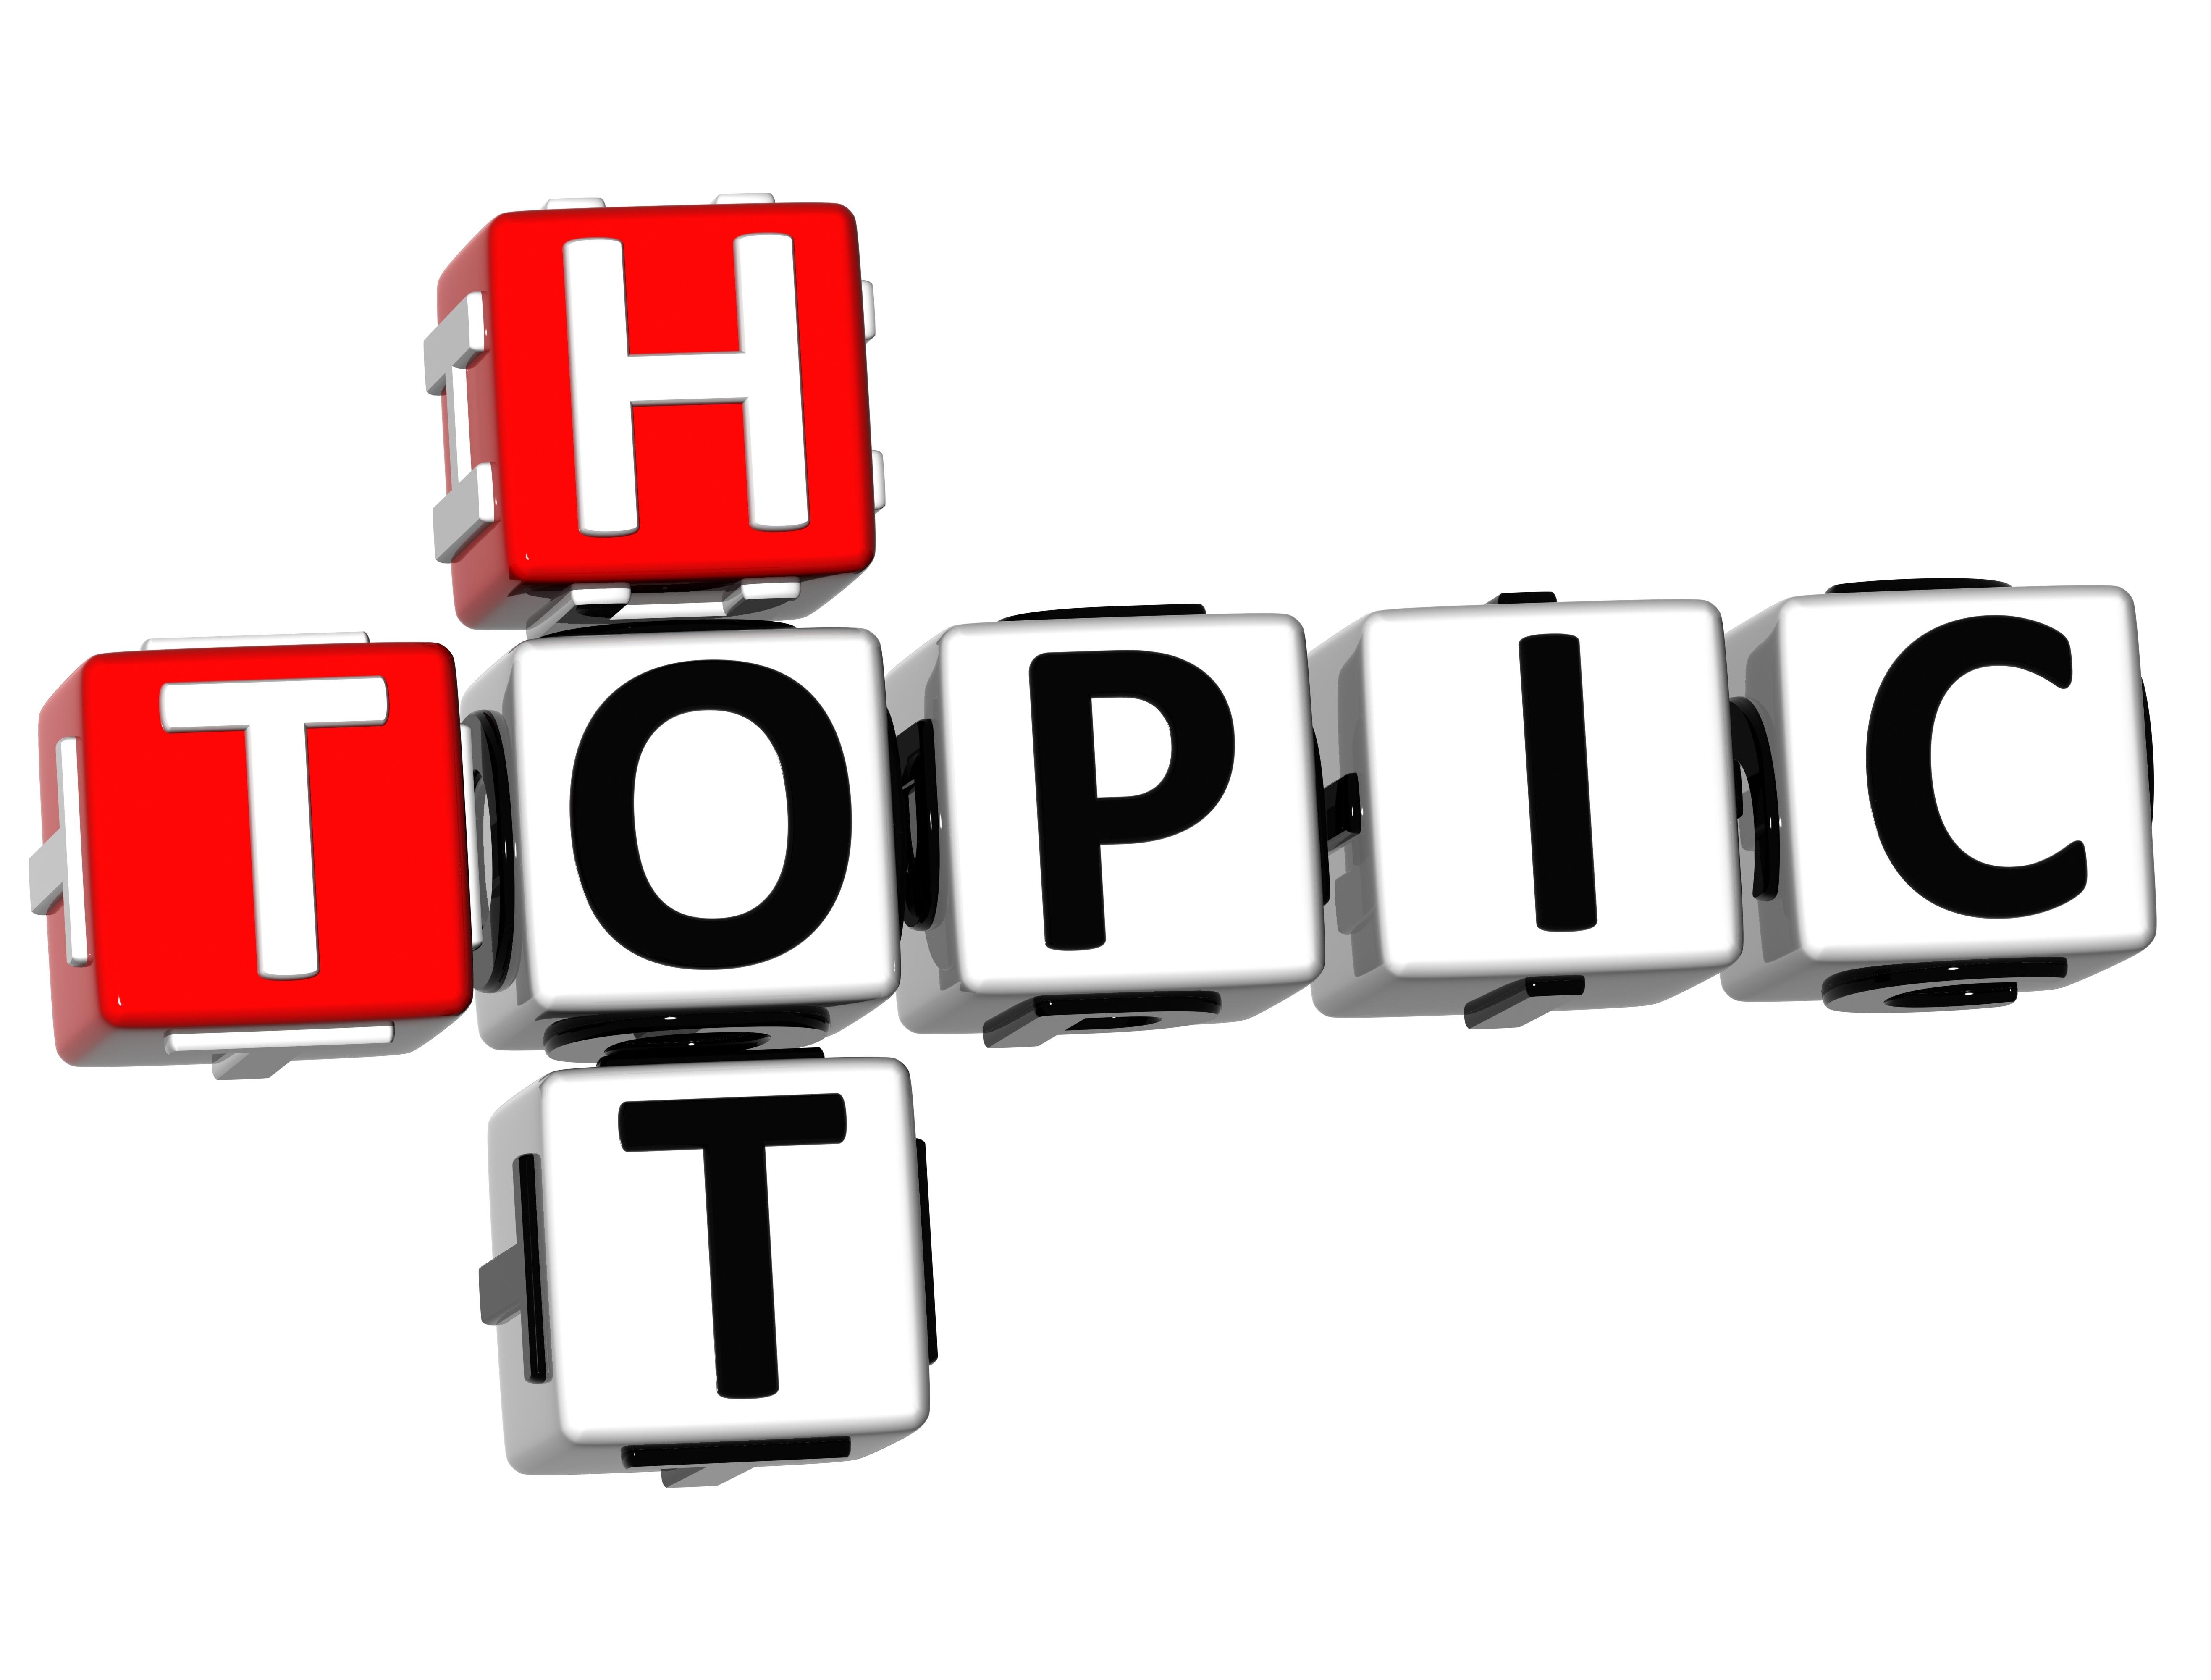 Clip Art Hot Topic Clipart.